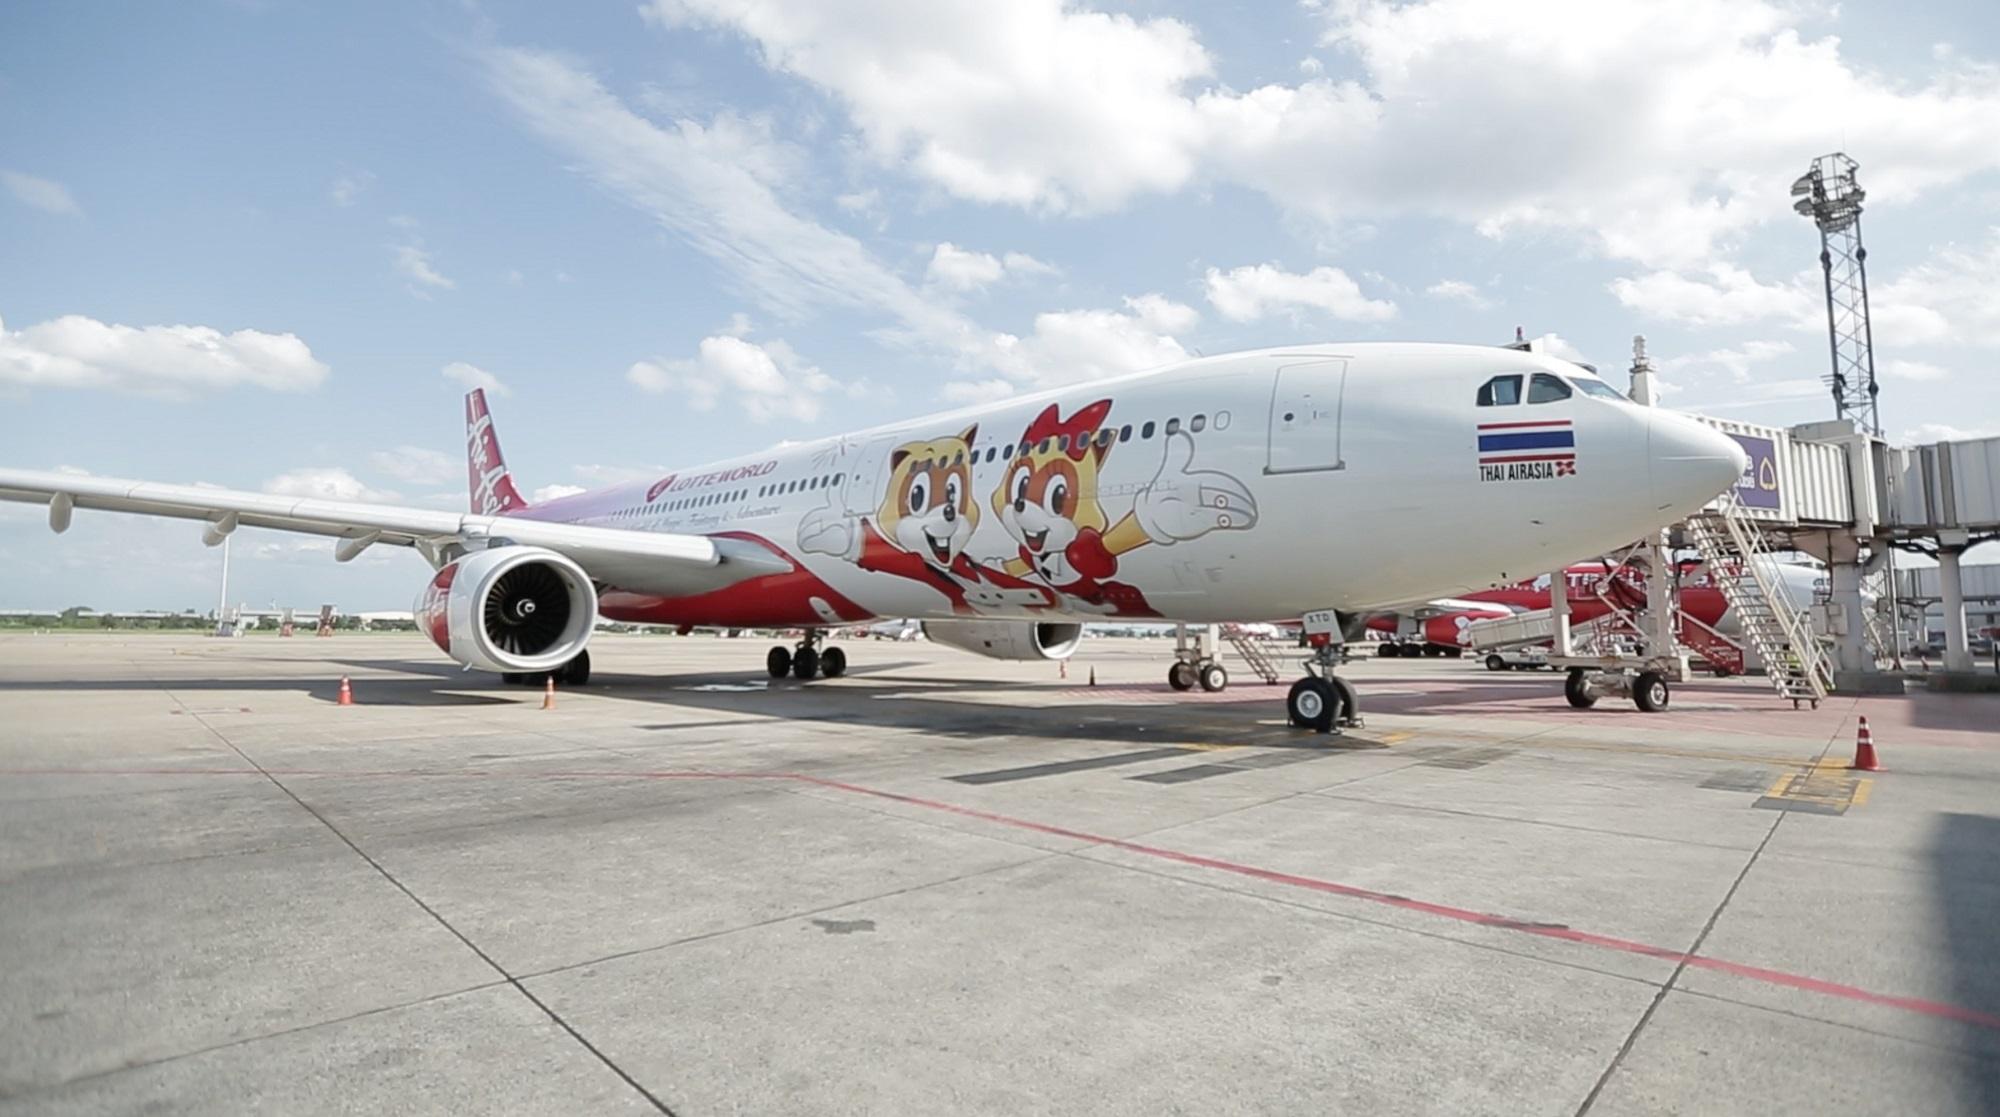 롯데월드 이미지로 랩핑한 에어아시아 항공기 A330-300